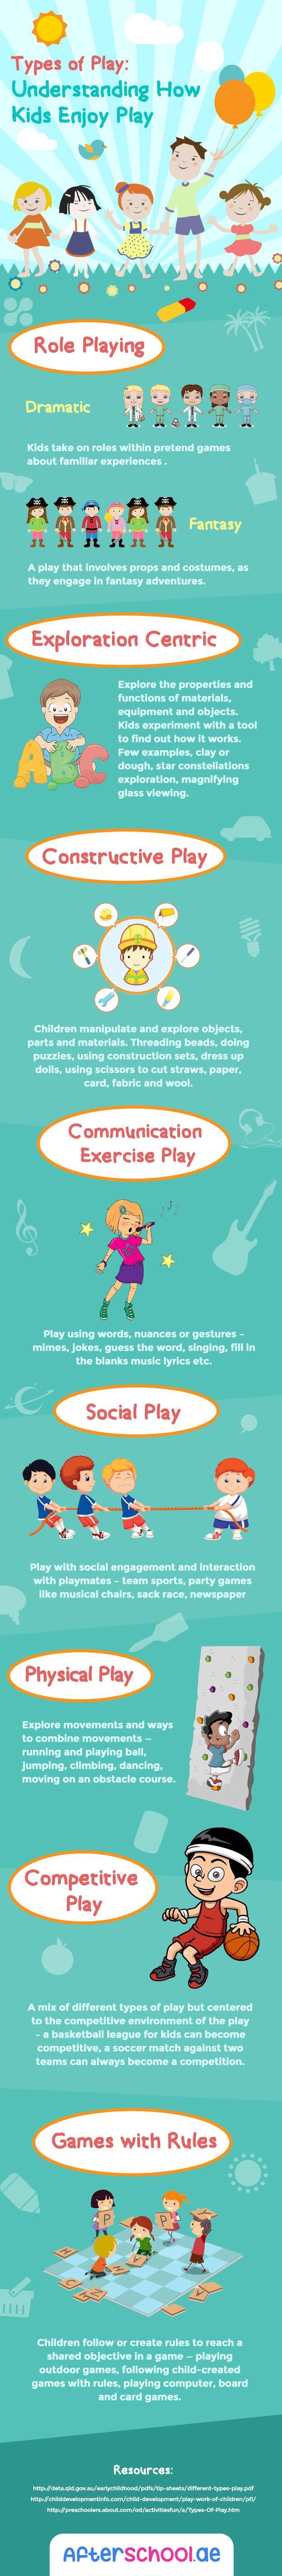 Infographic: Understanding How Kids Enjoy Play